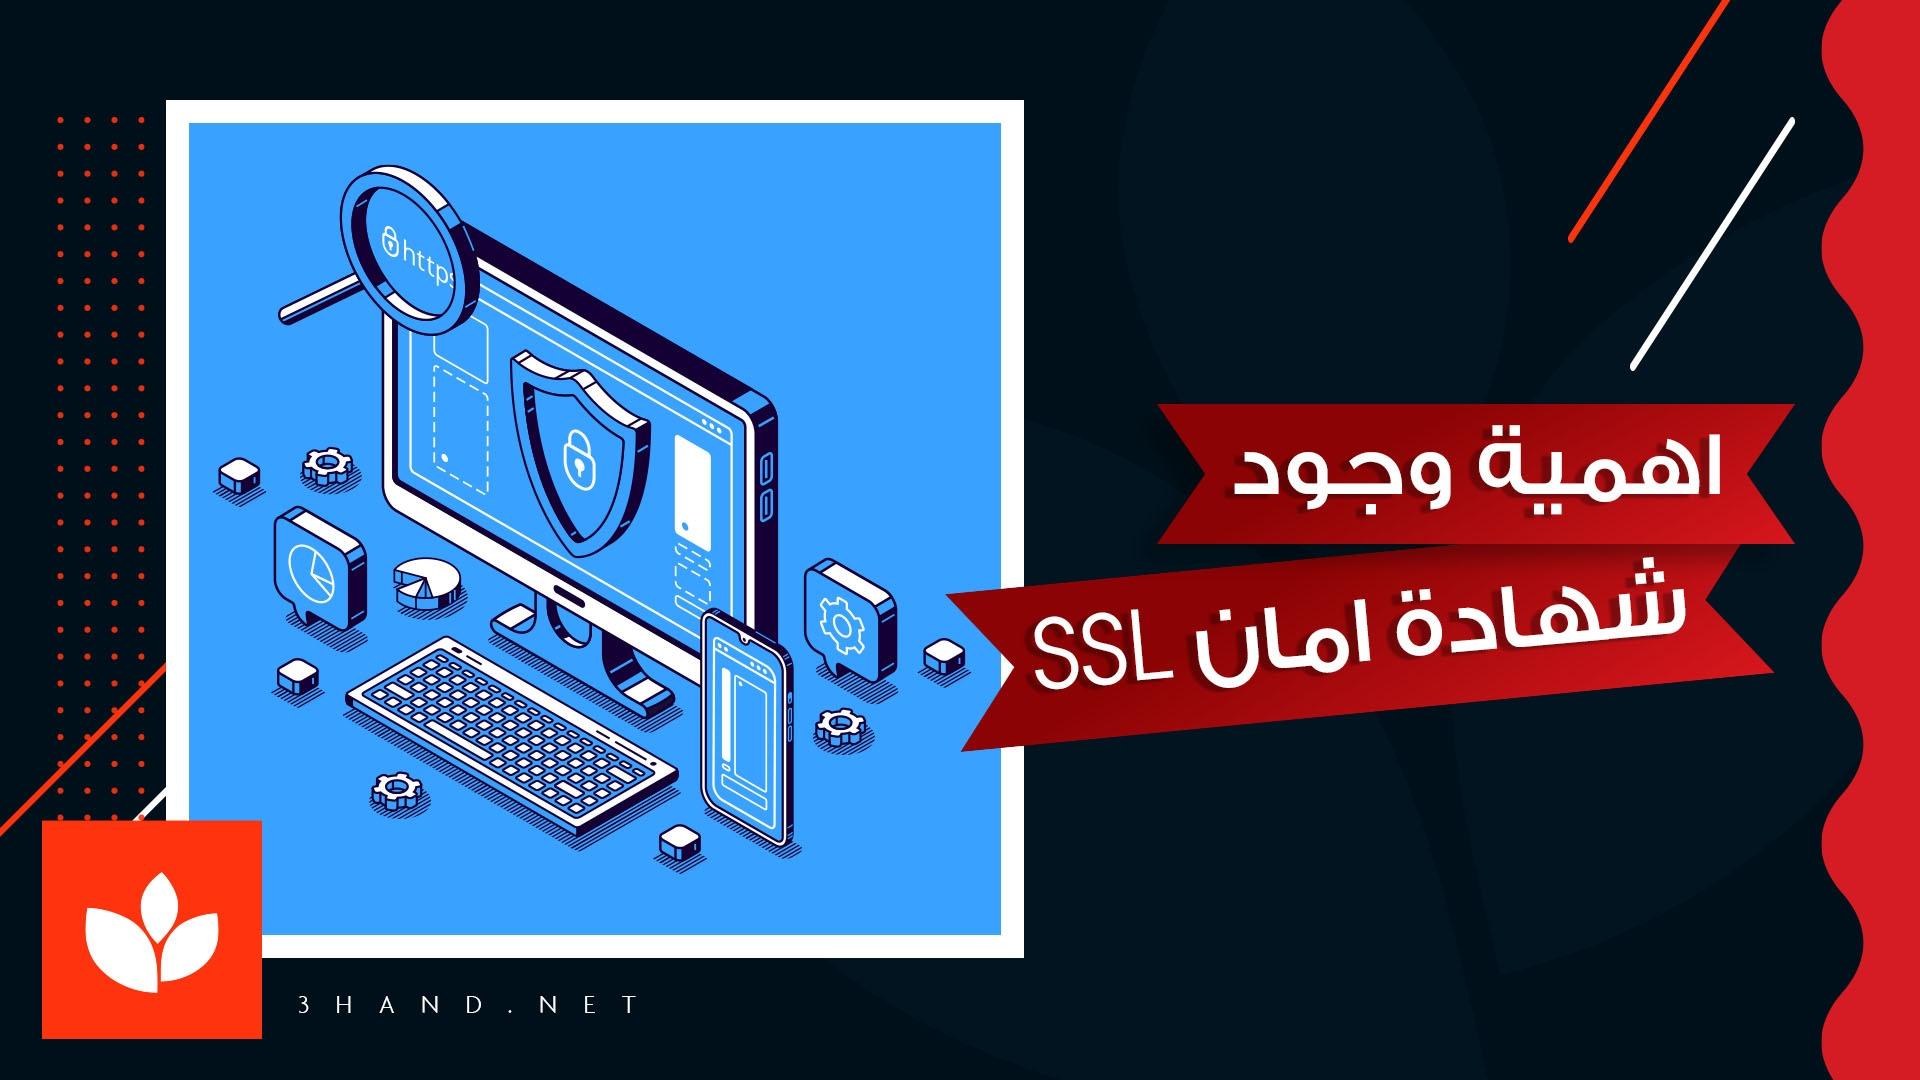 اهمية وجود شهادة امان SSL